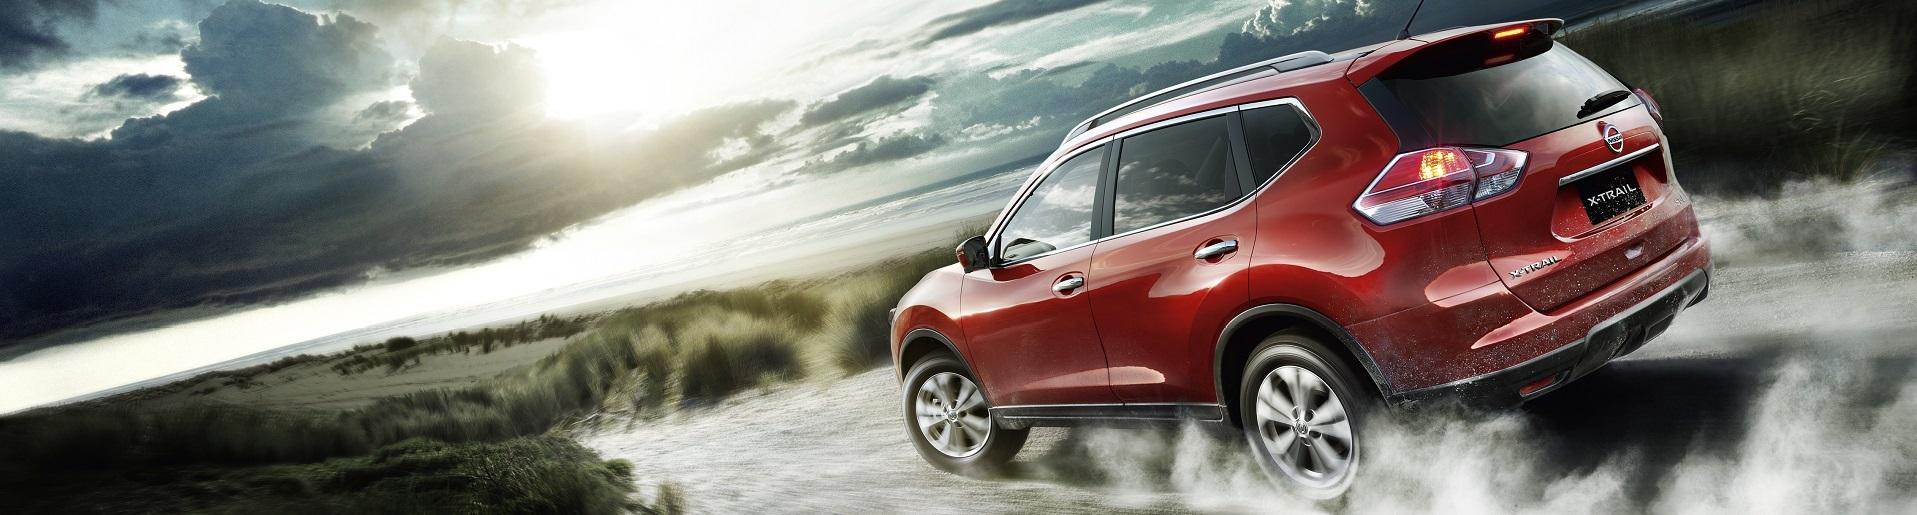 Nissan Xtrail STL RED